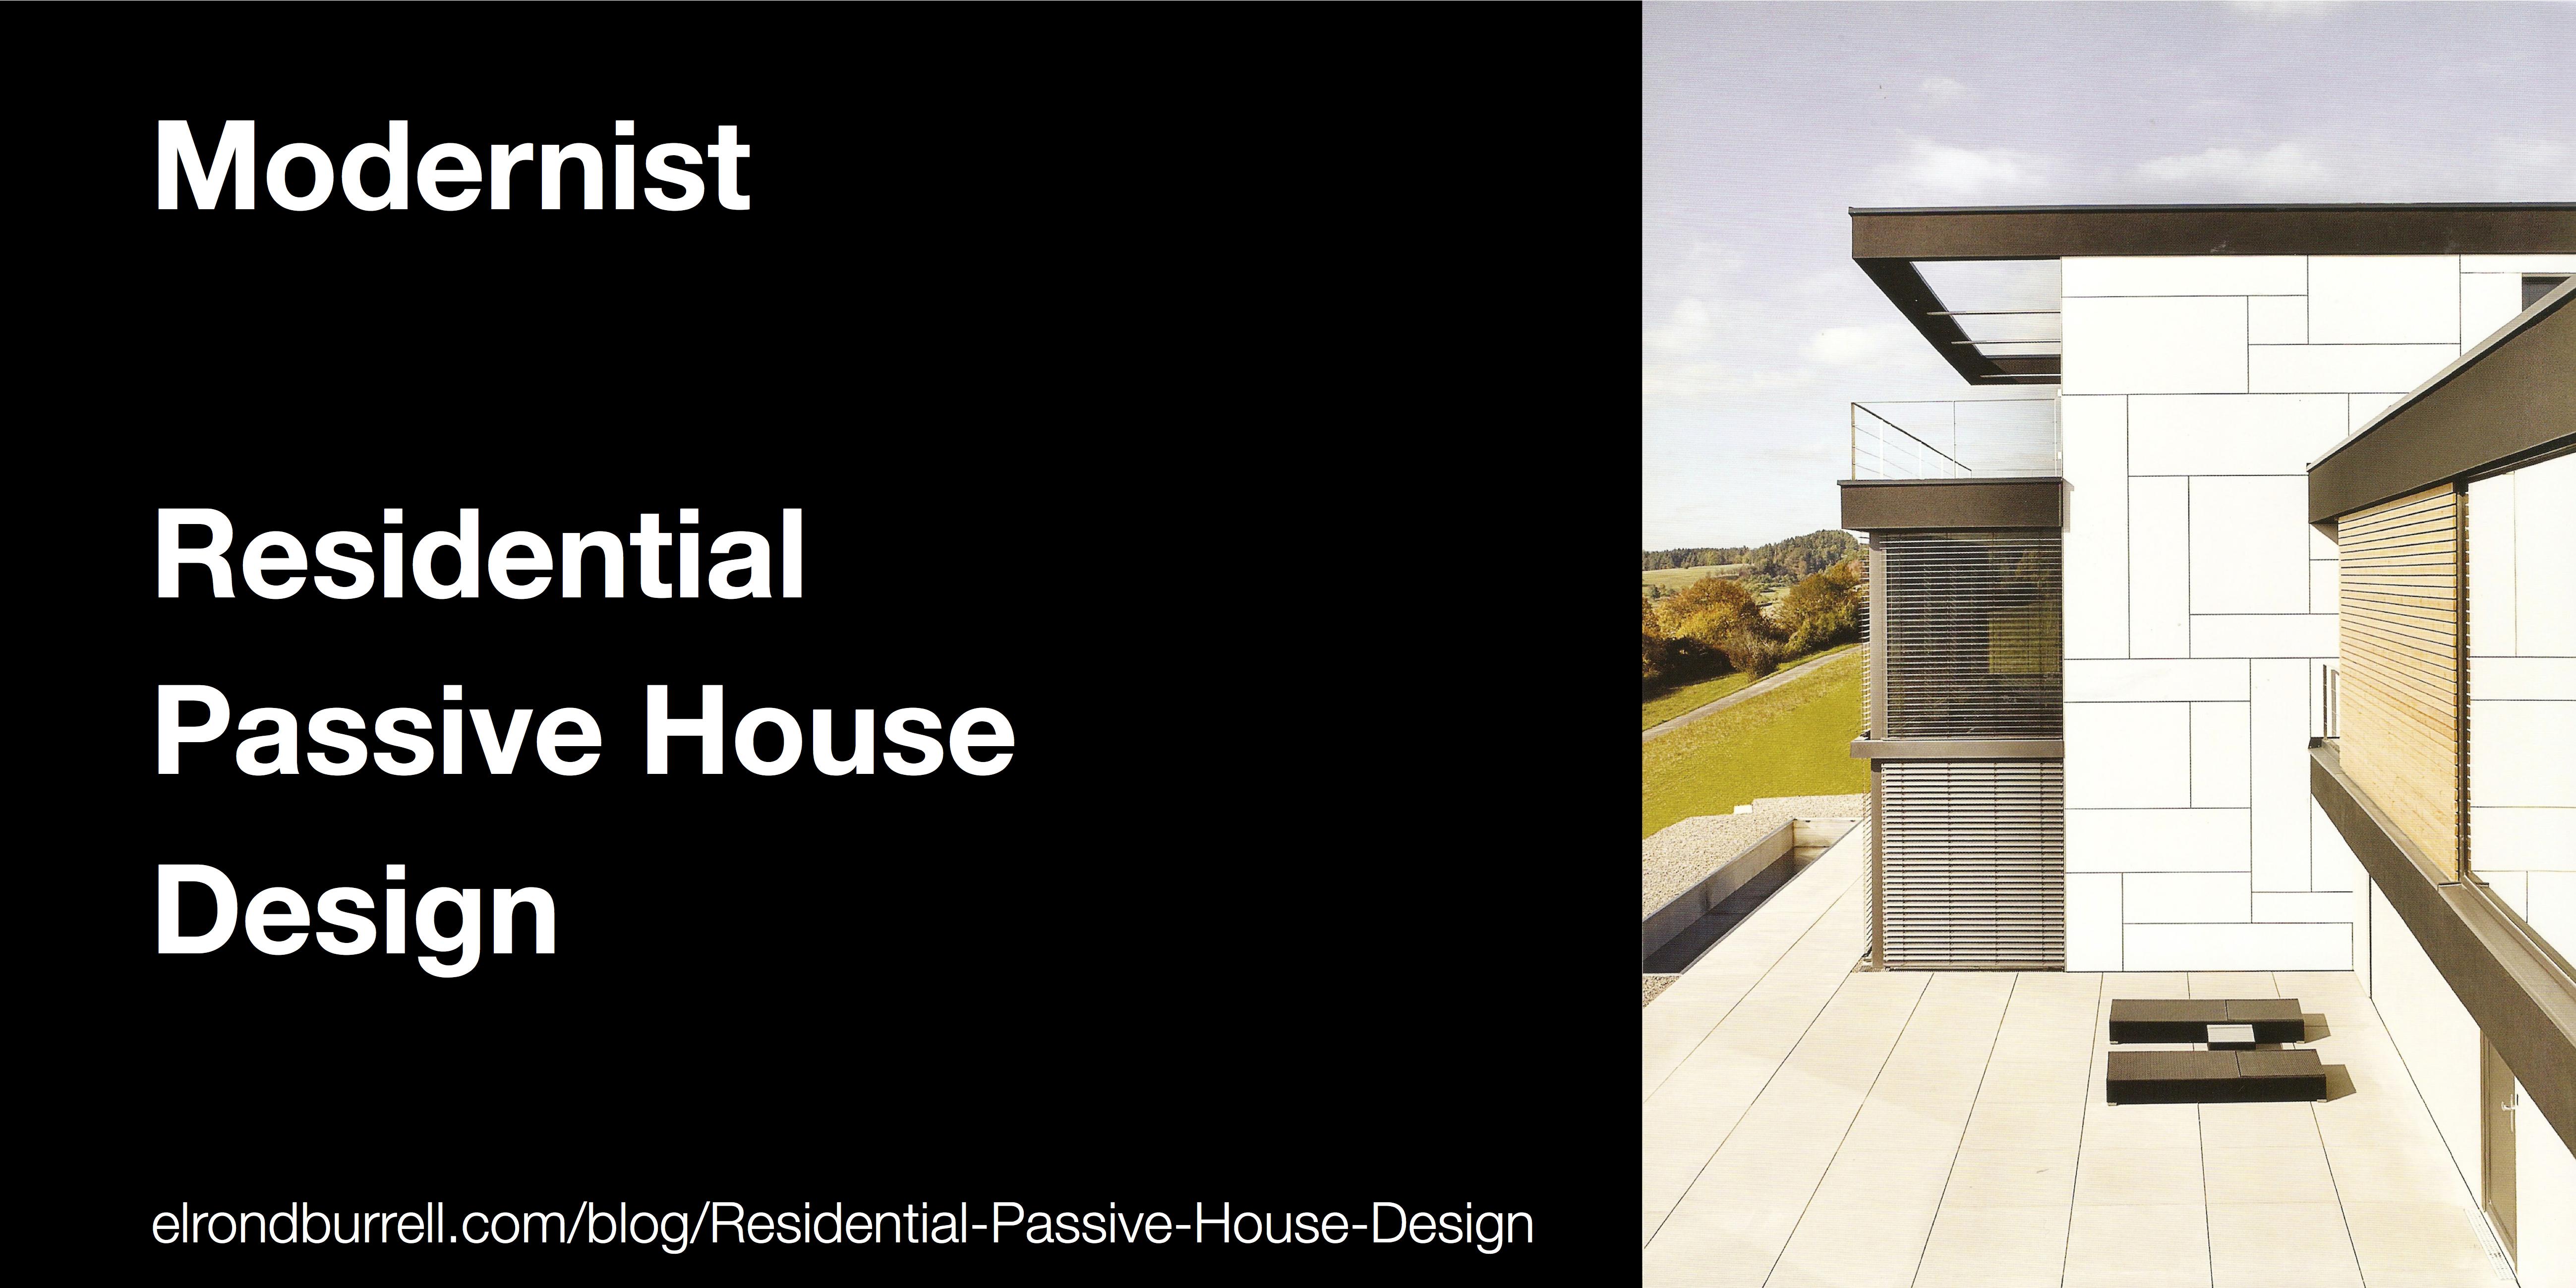 013 Residential Passive House Design Modernist